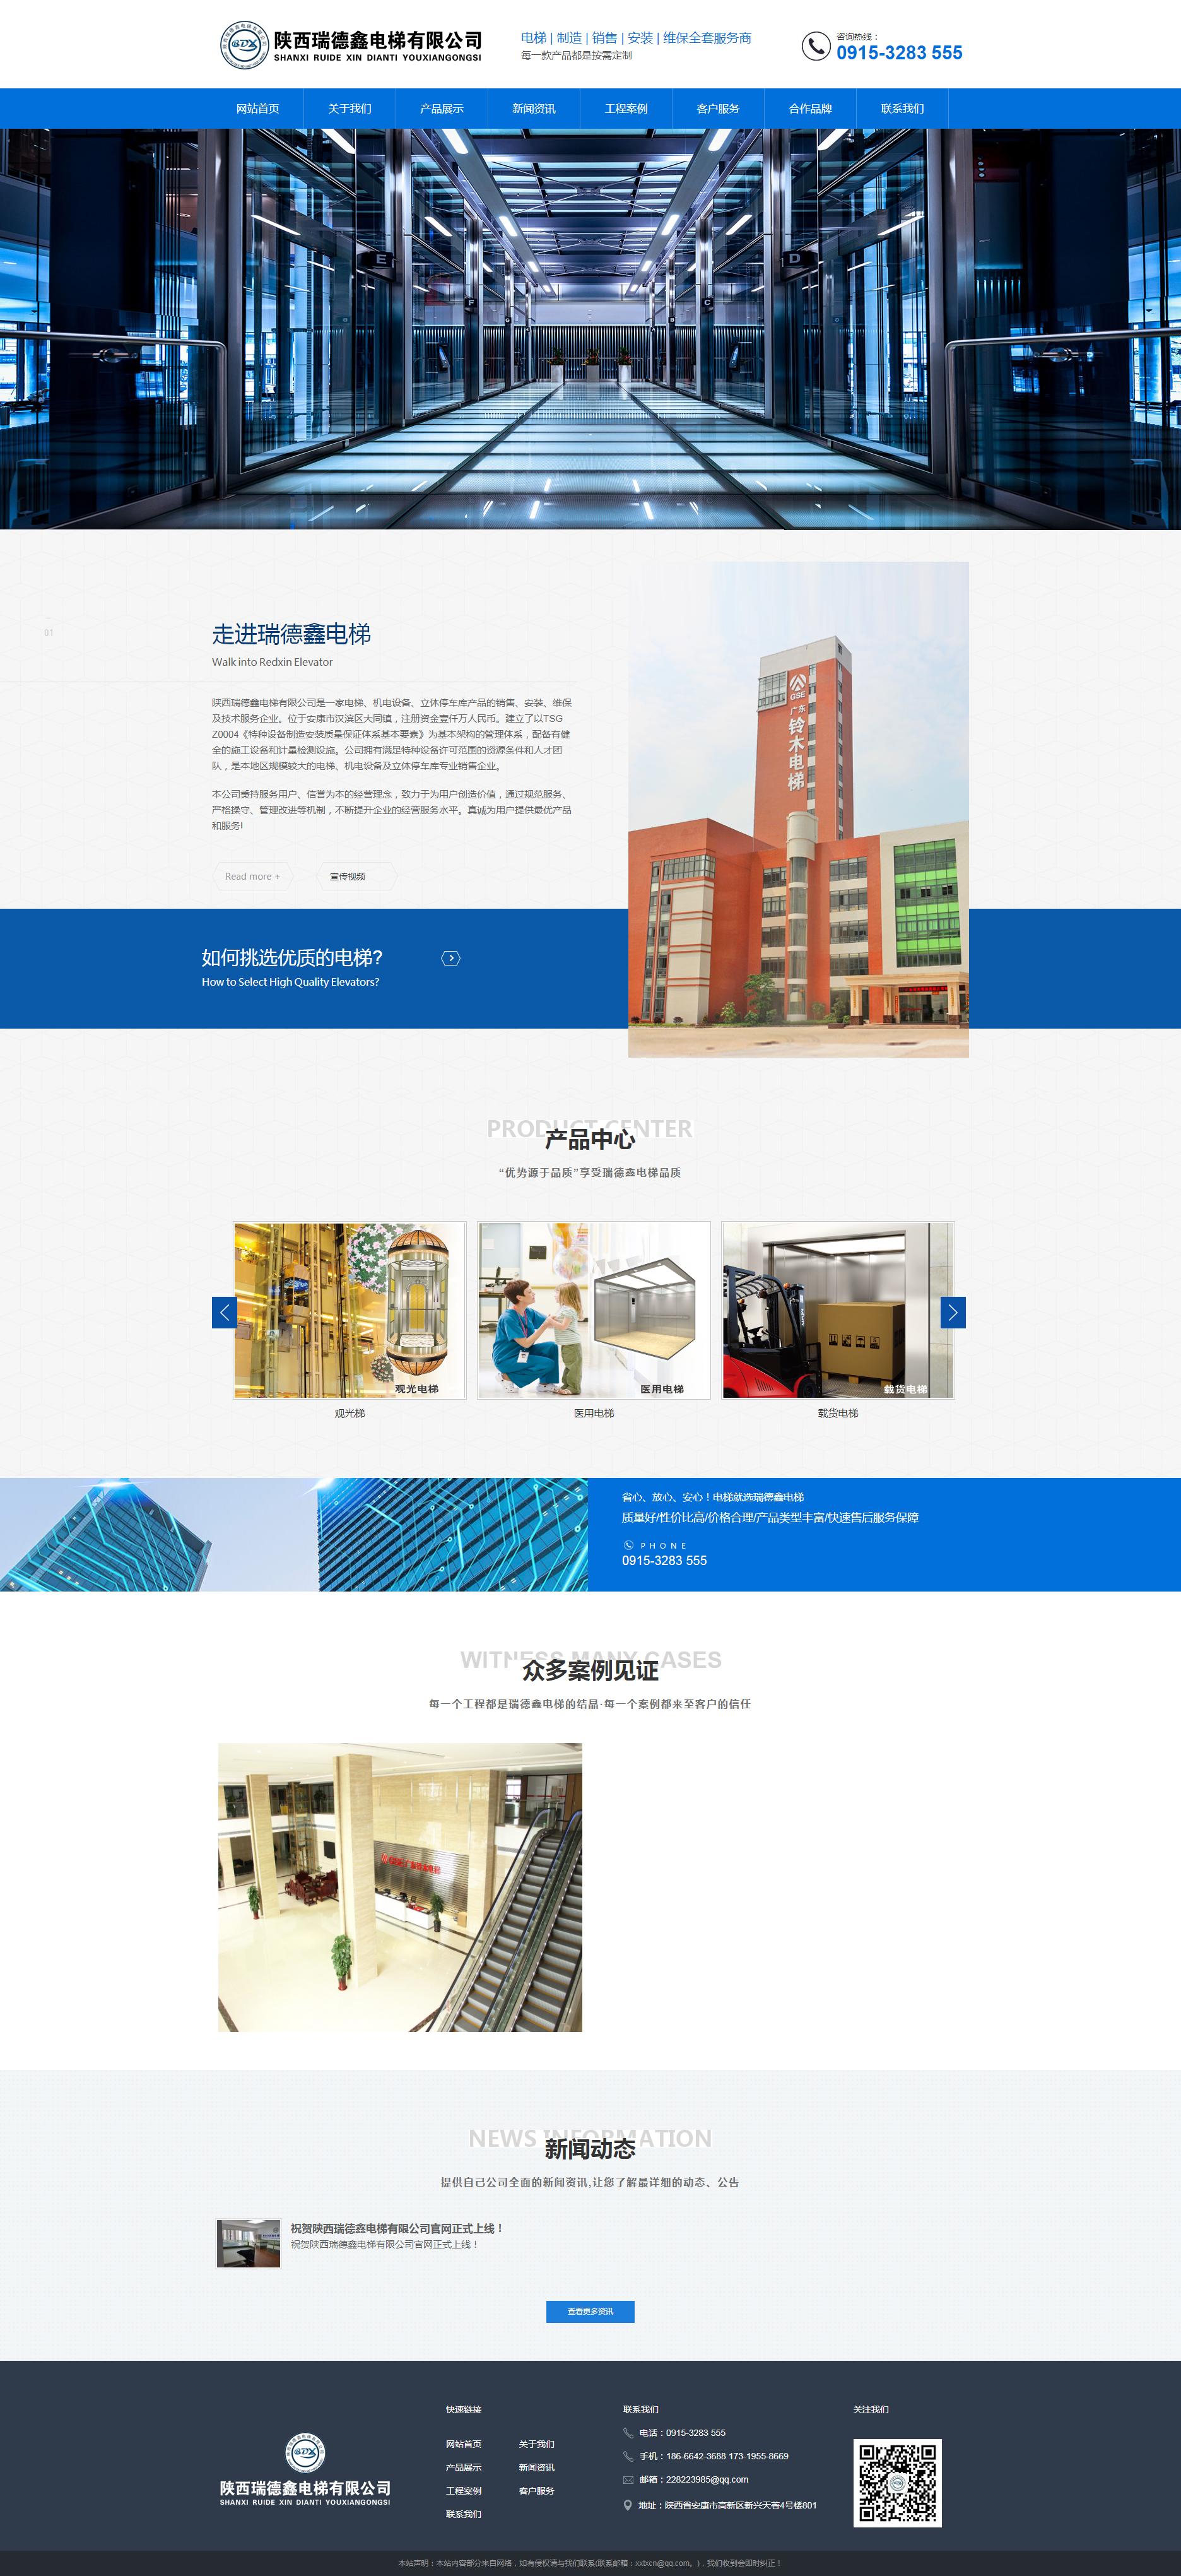 陕西瑞德鑫电梯有限公司.png